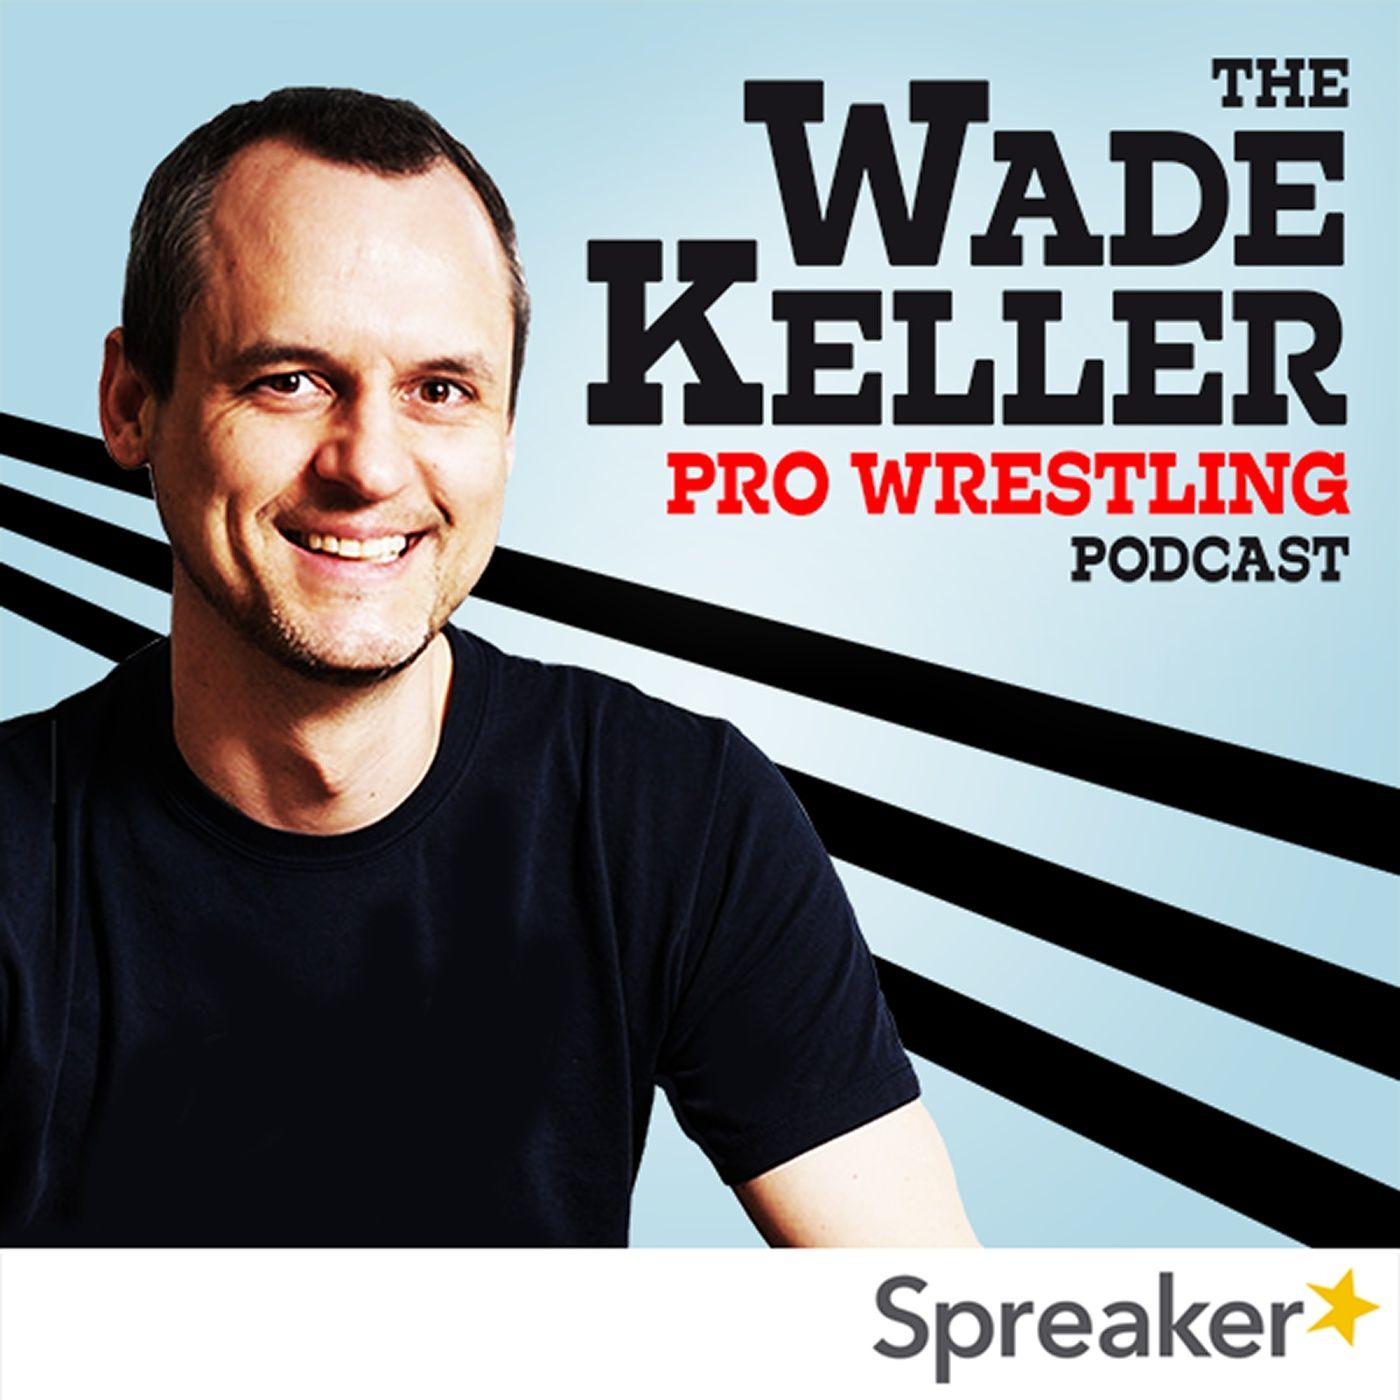 Wade Keller Pro Wrestling Podcast